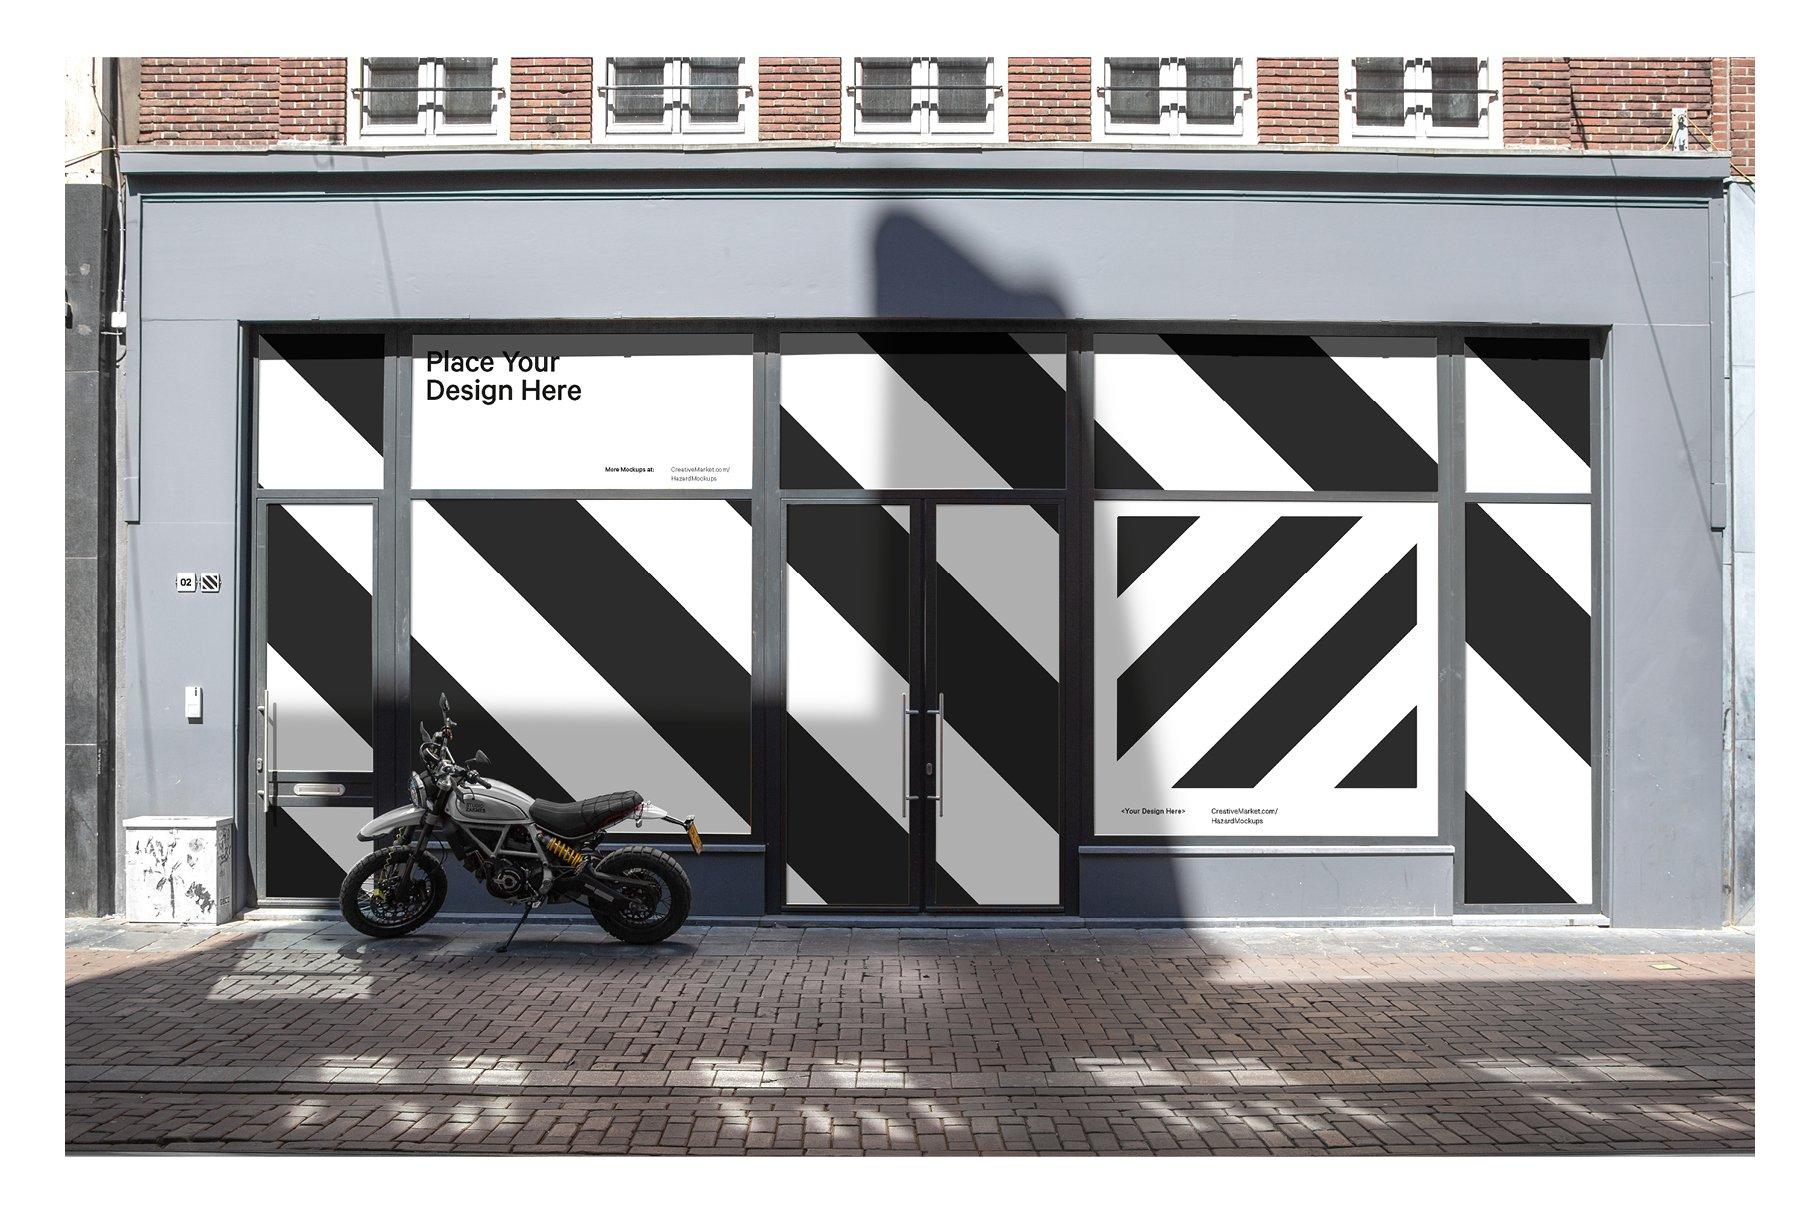 时尚街头店铺外里面橱窗玻璃贴纸广告海报设计展示样机 Shop Facade Mockup Bundle插图11